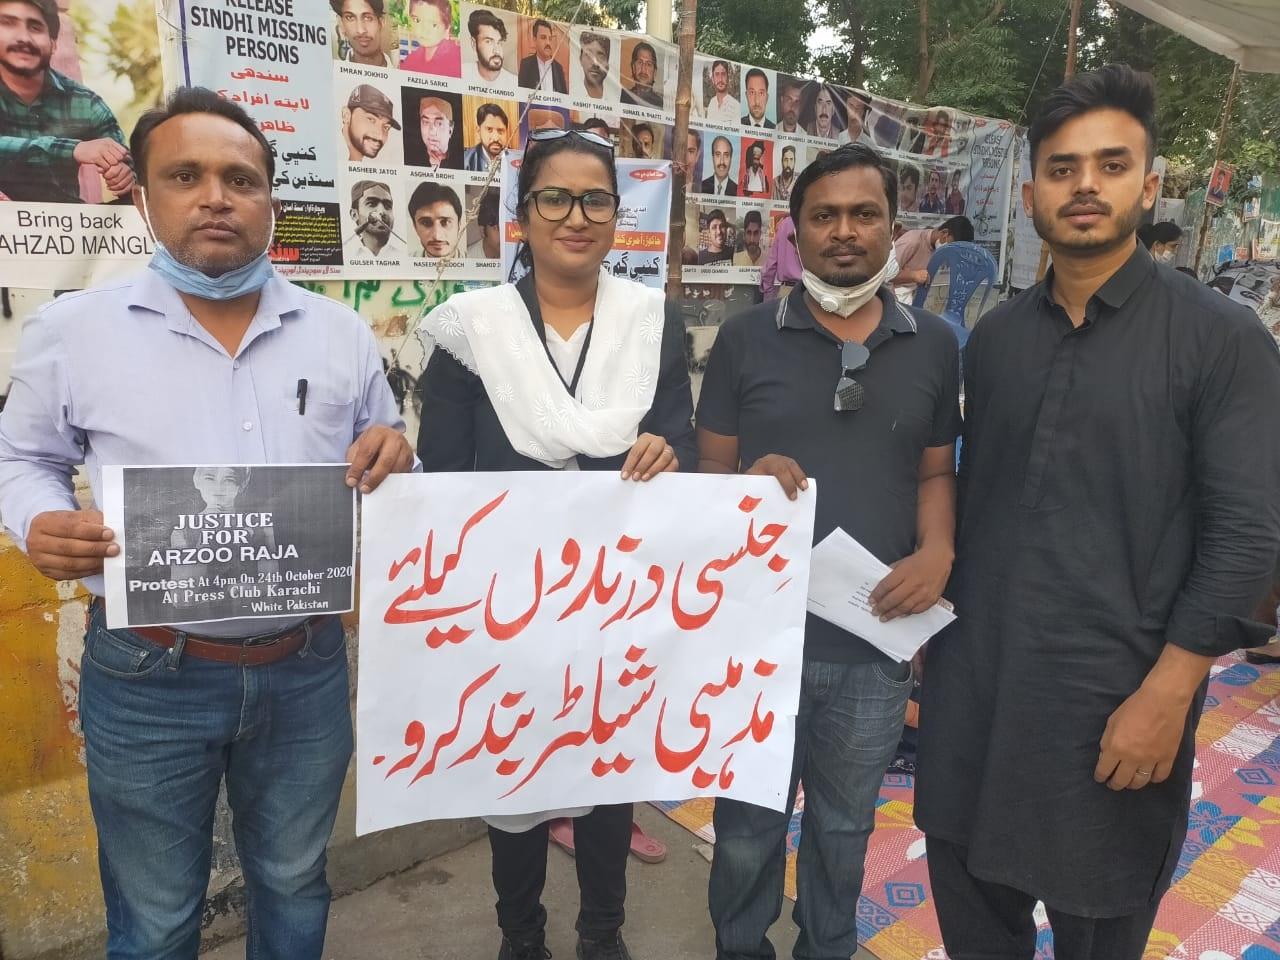 Una familia católica pakistaní lucha contra la conversión forzada de su hija